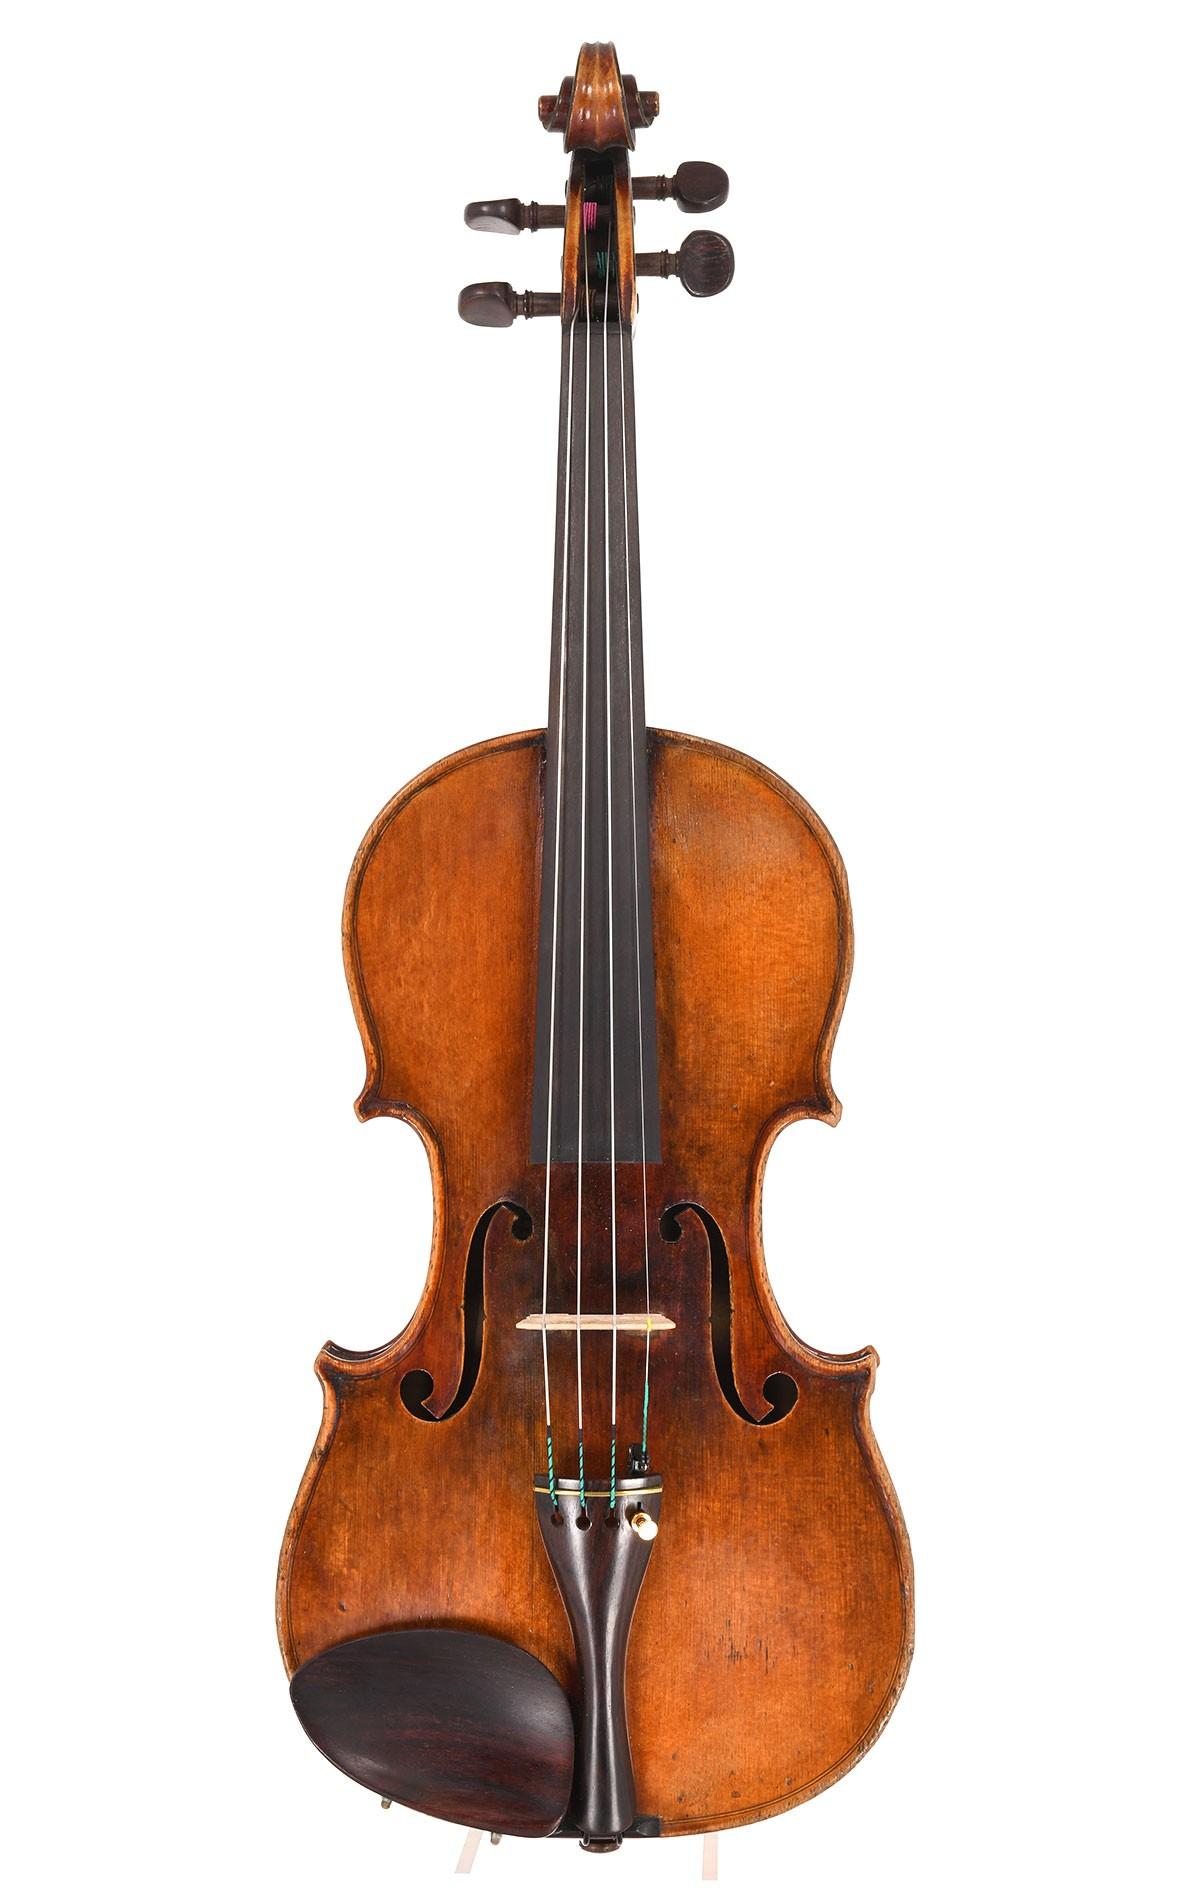 Fine antique French master violin around 1869/1870